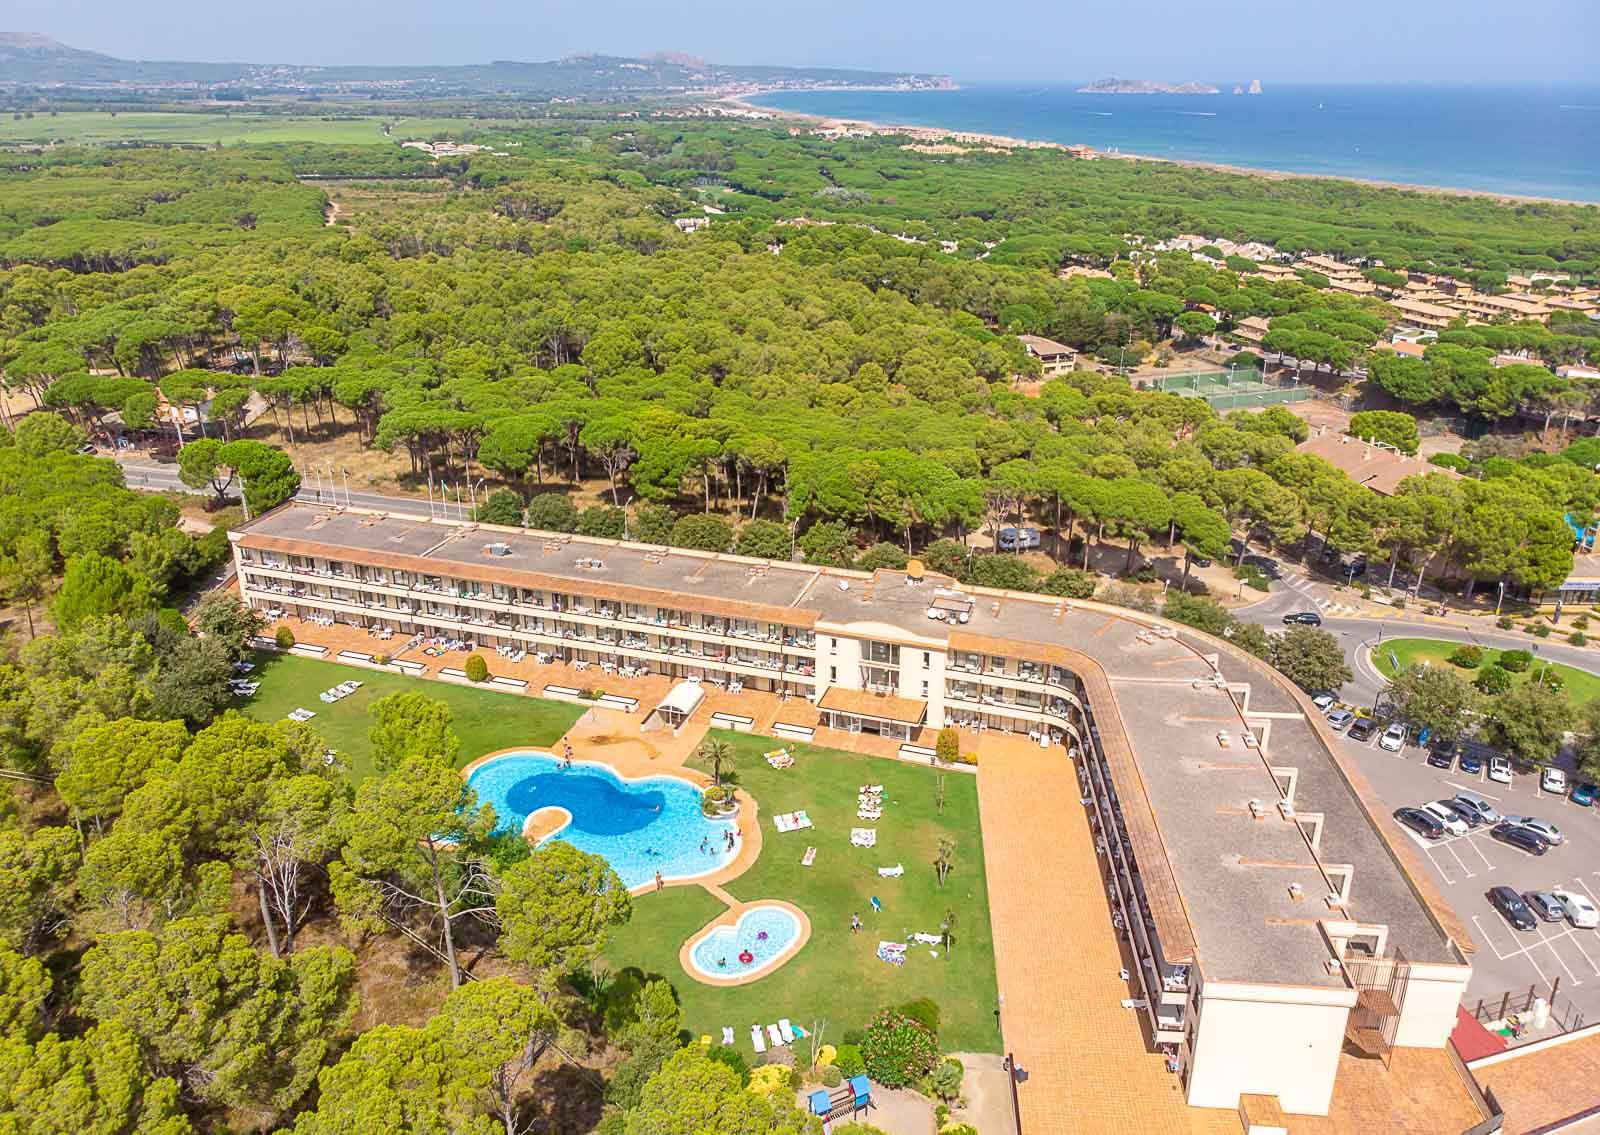 ahgolfbeach Golf Beach Pals Vista Aerea 1